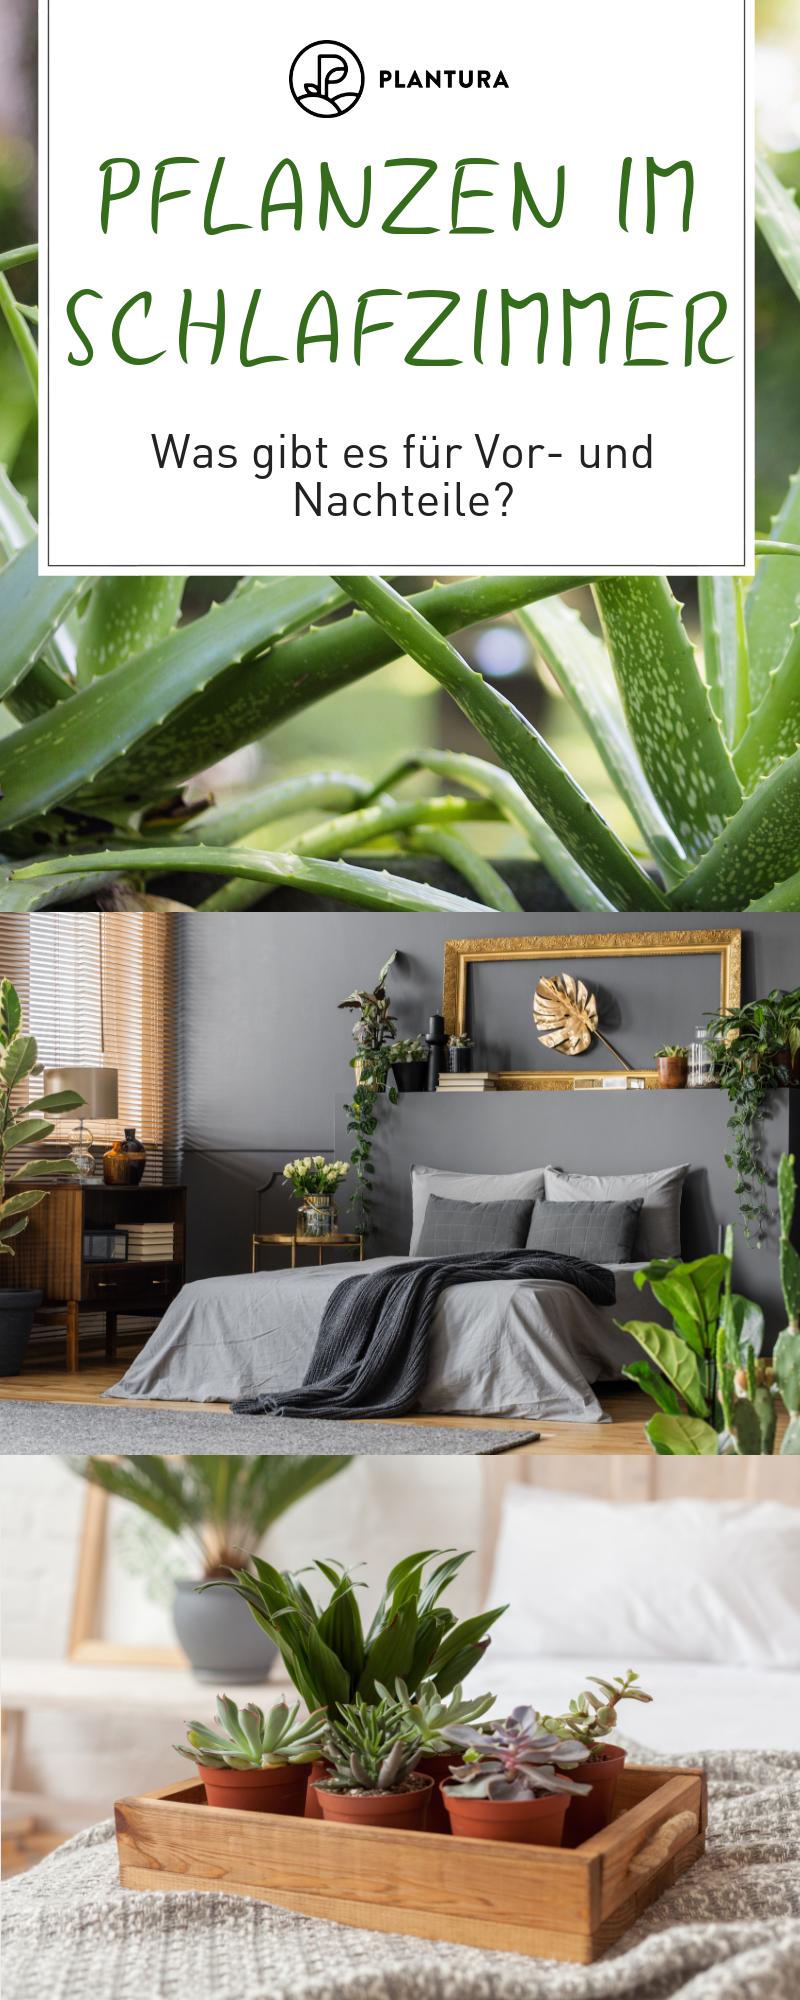 Schlafzimmer Mit Pflanzen Dekorieren